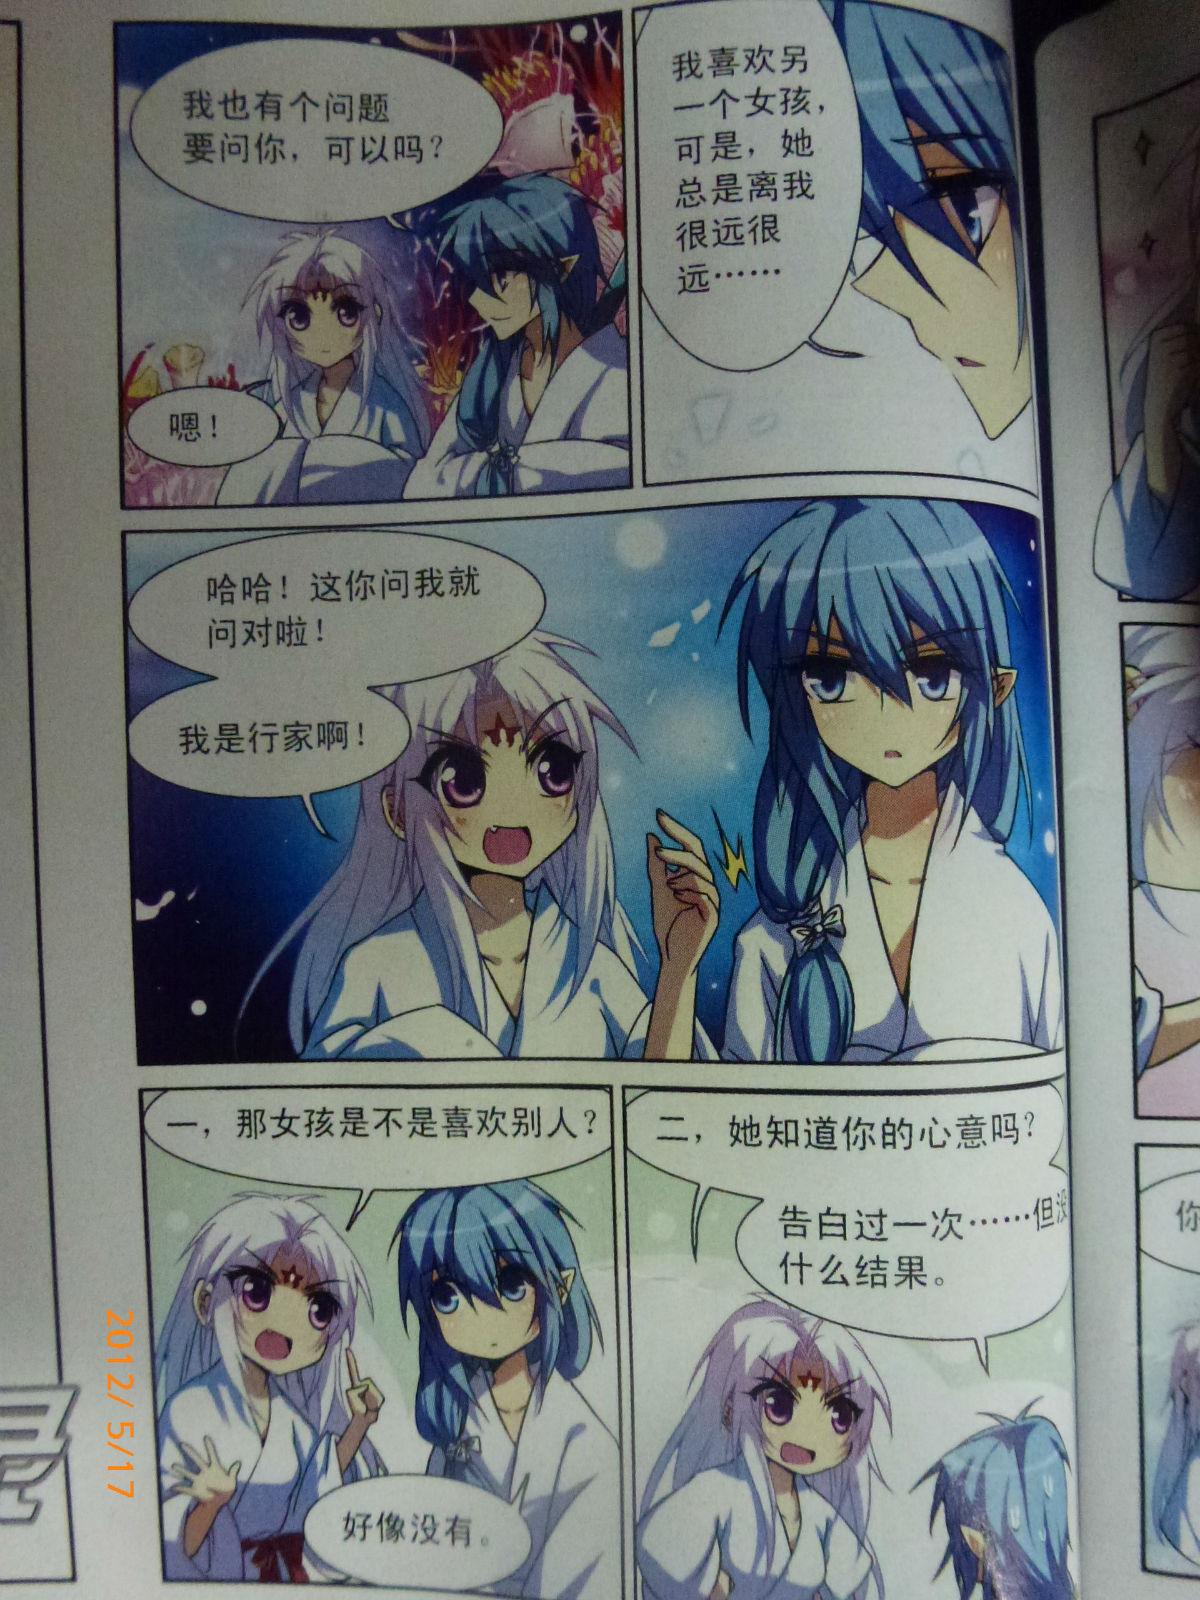 【漫画】三眼哮天录 46